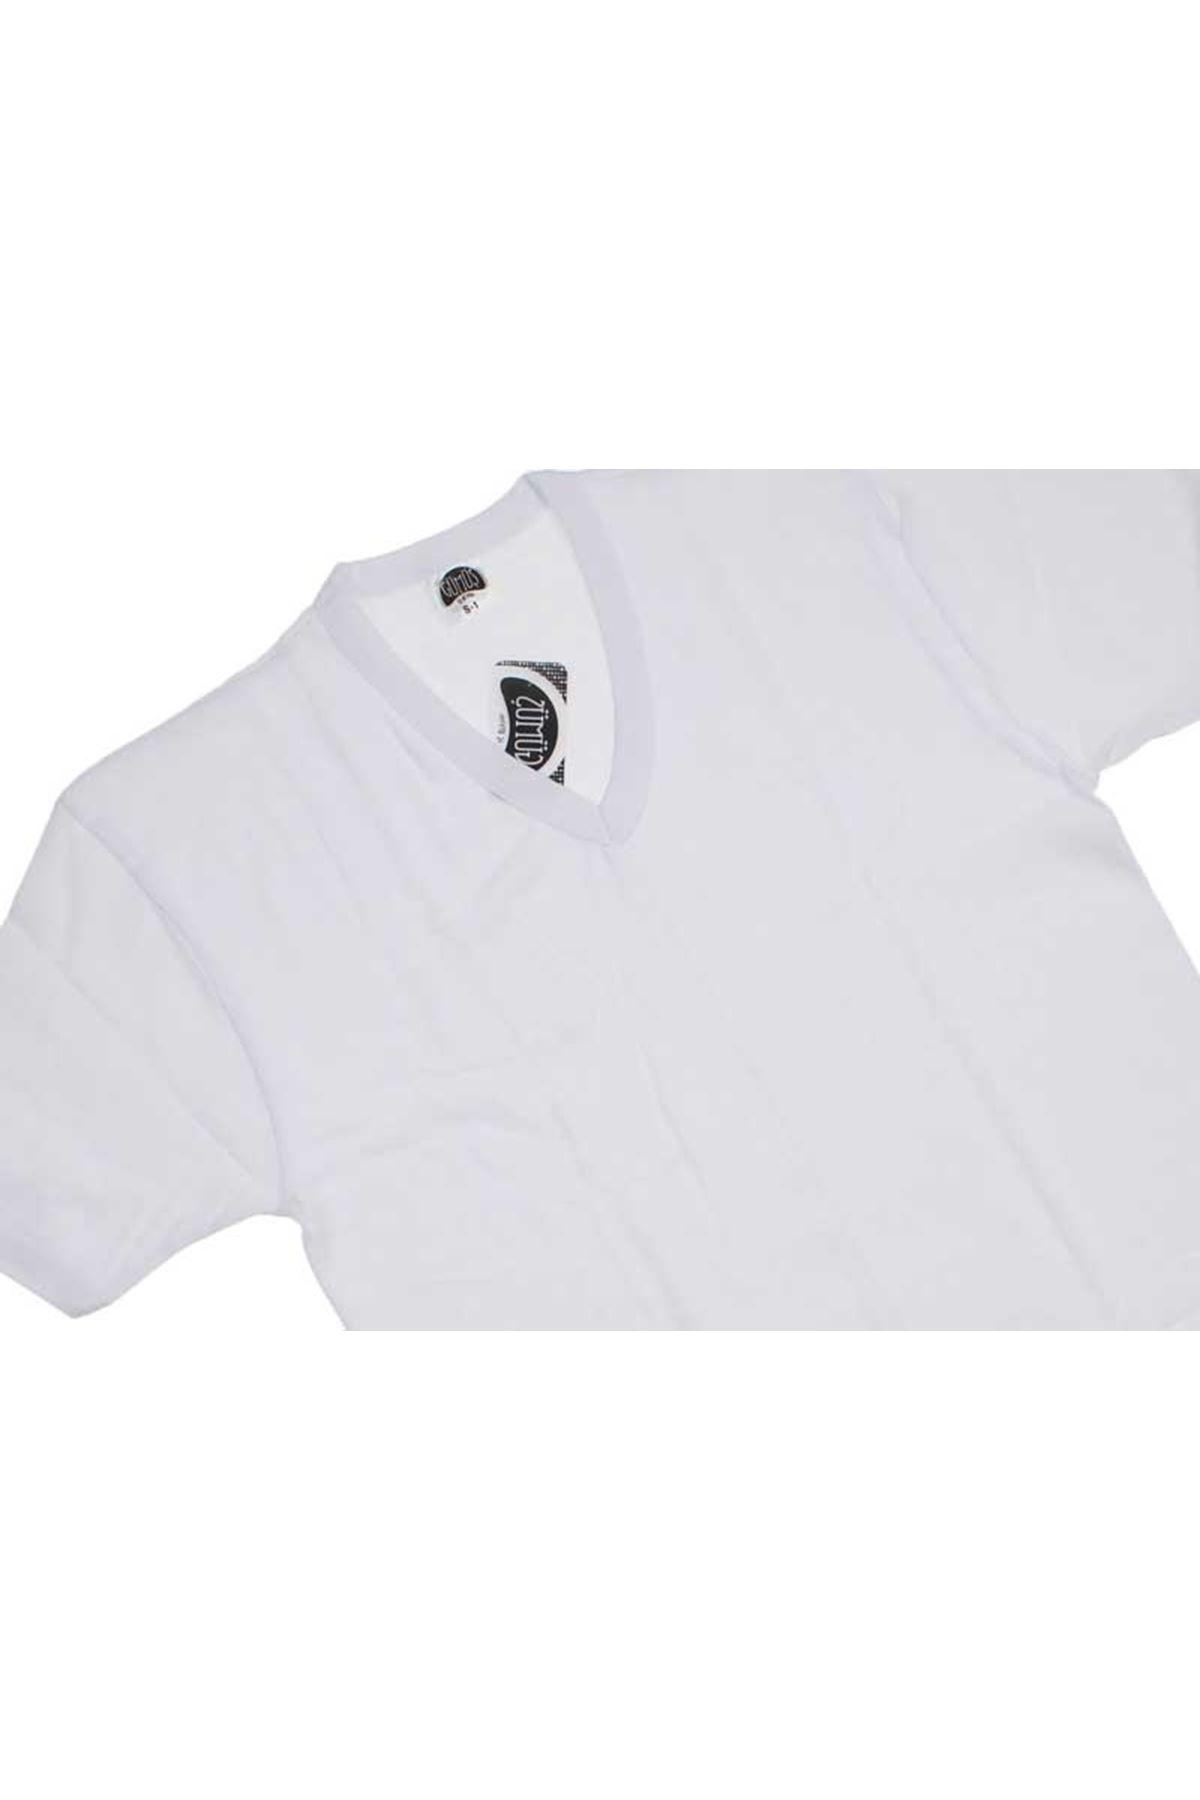 Gümüş İç Giyim Erkek V Yaka Beyaz Kollu Fanila